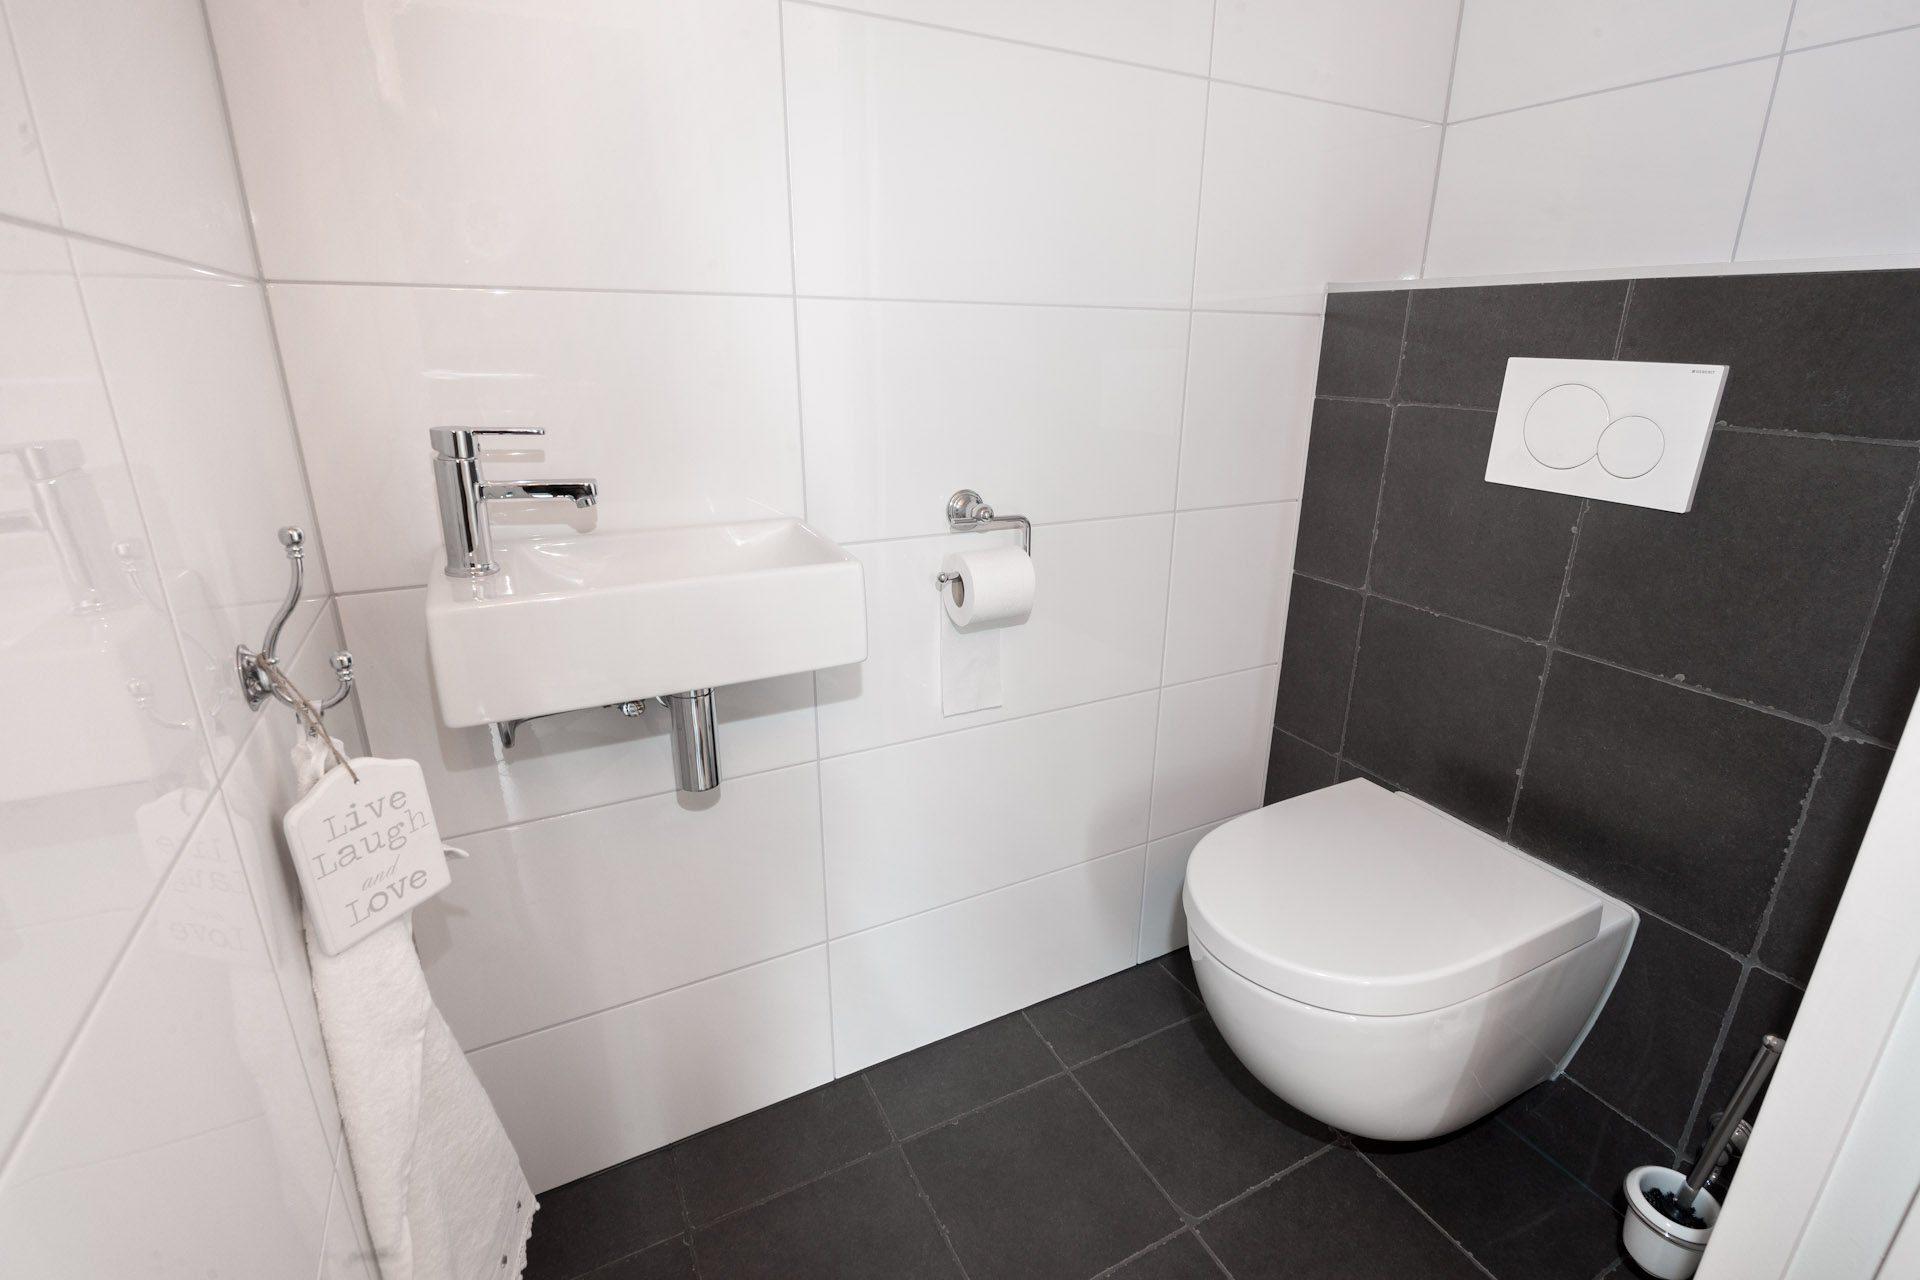 ... Ideeen Met Mozaiek : Wandtegels badkamer - KROON vloer in Steen